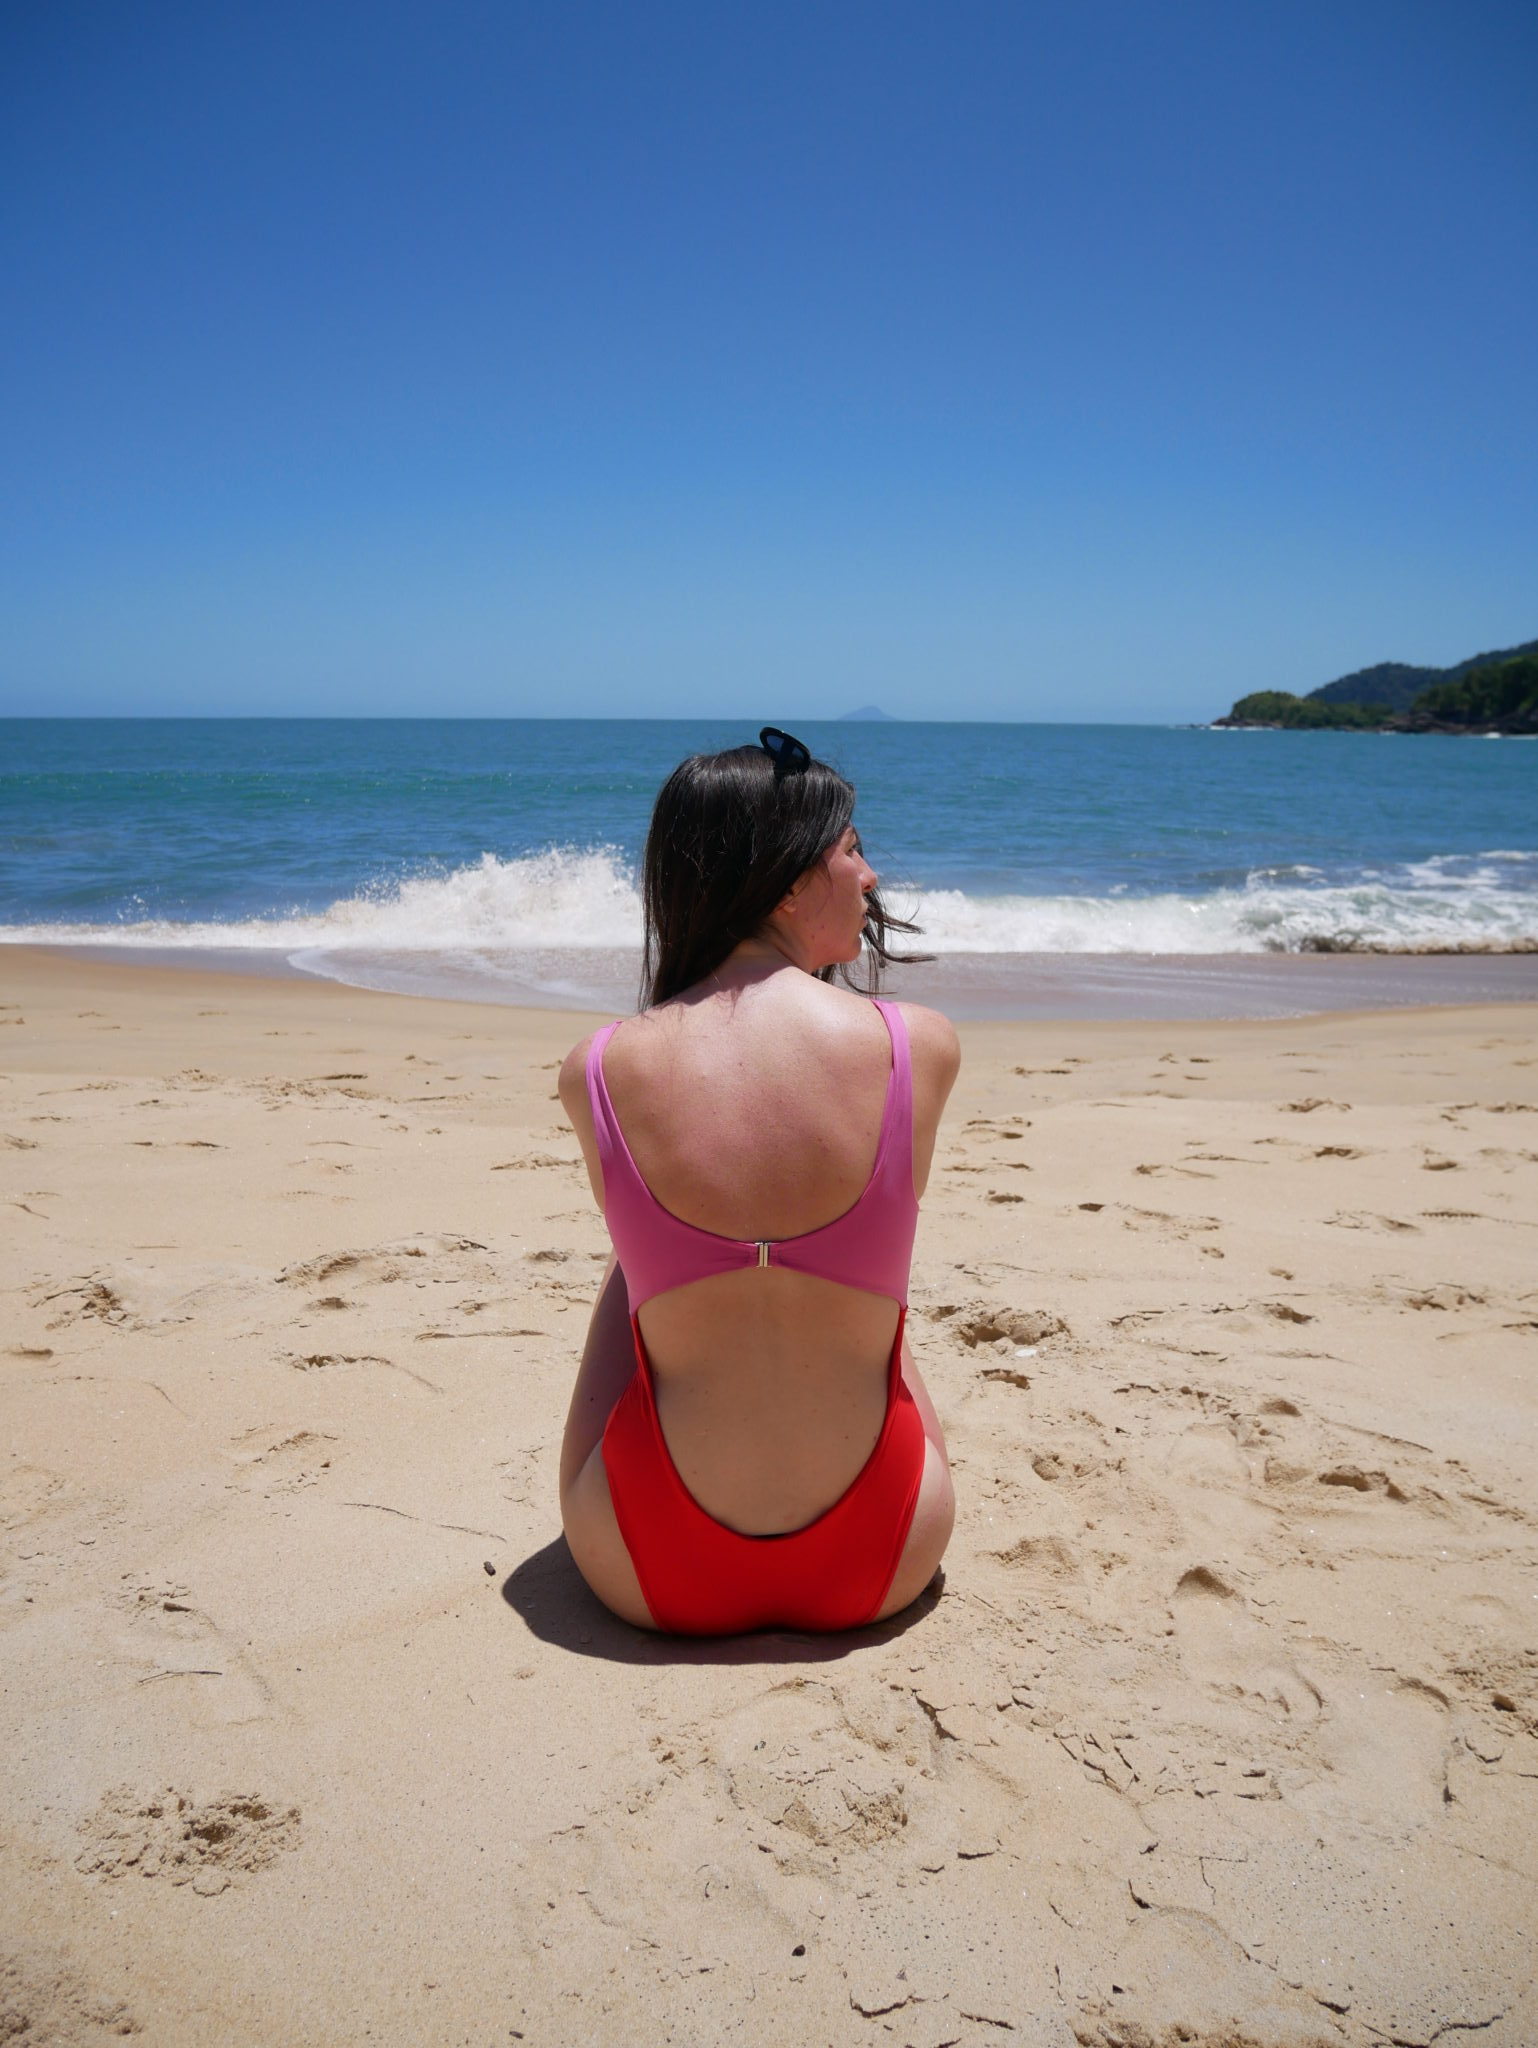 Beach at Toque Toque Grande<br/> Swimsuit: Zara